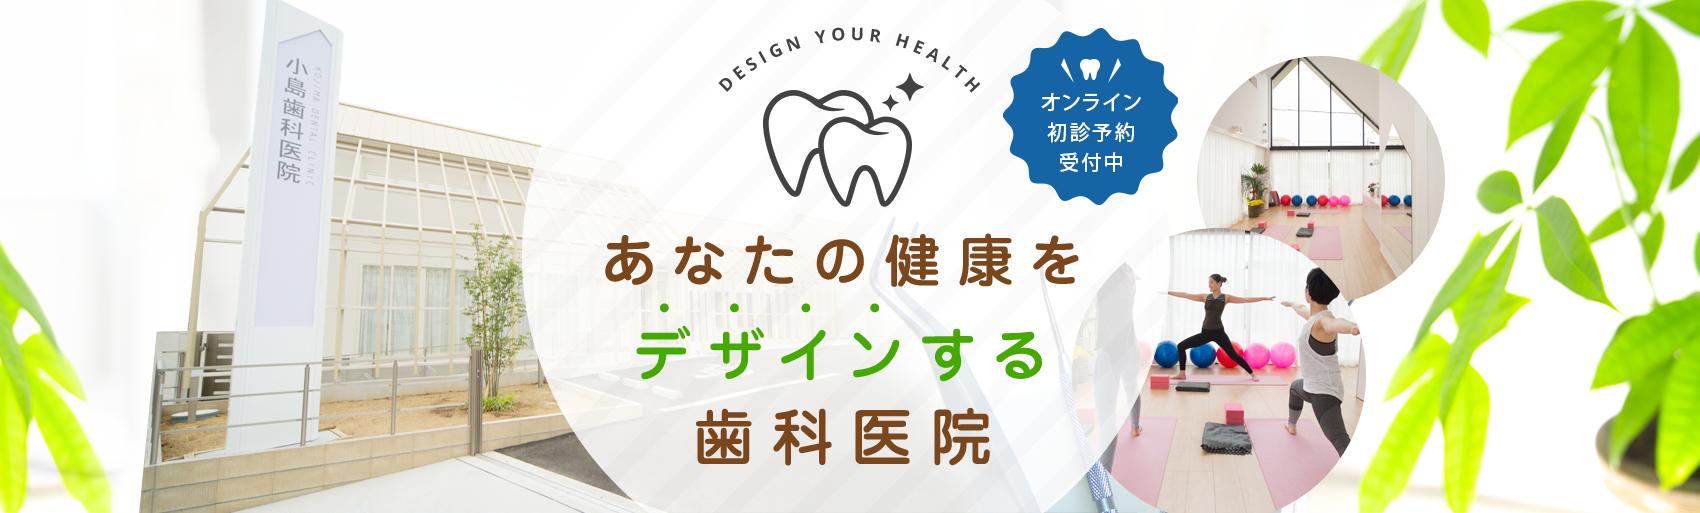 あなたの健康をデザインする歯科医院